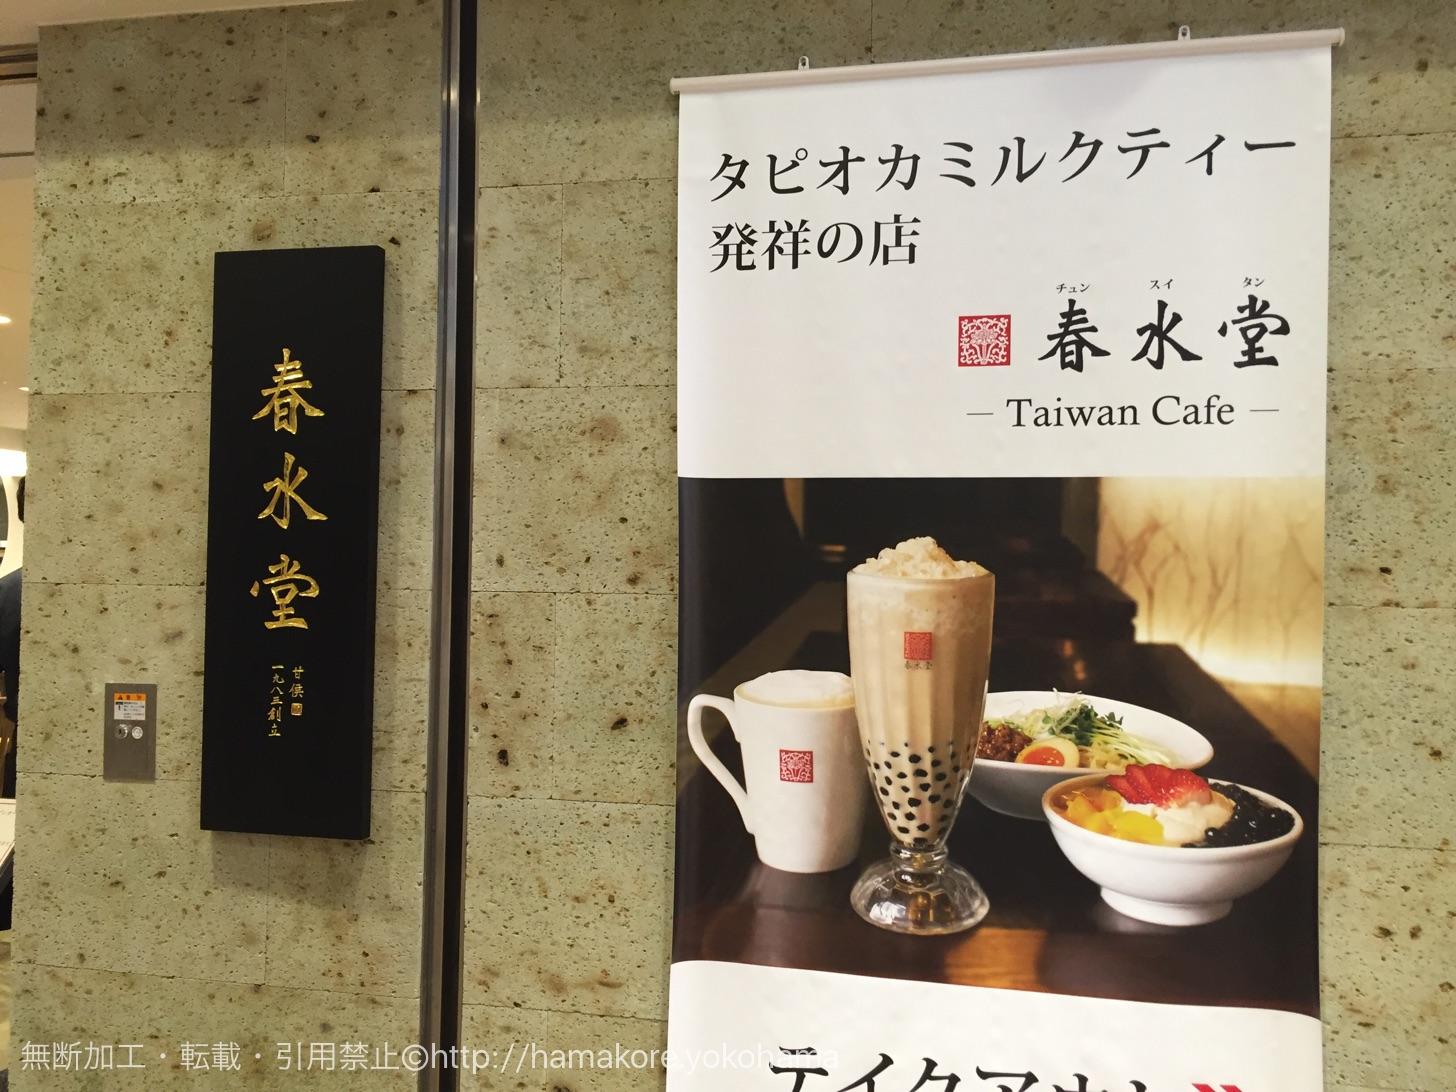 春水堂(チュンスイタン) 横浜店の入り口